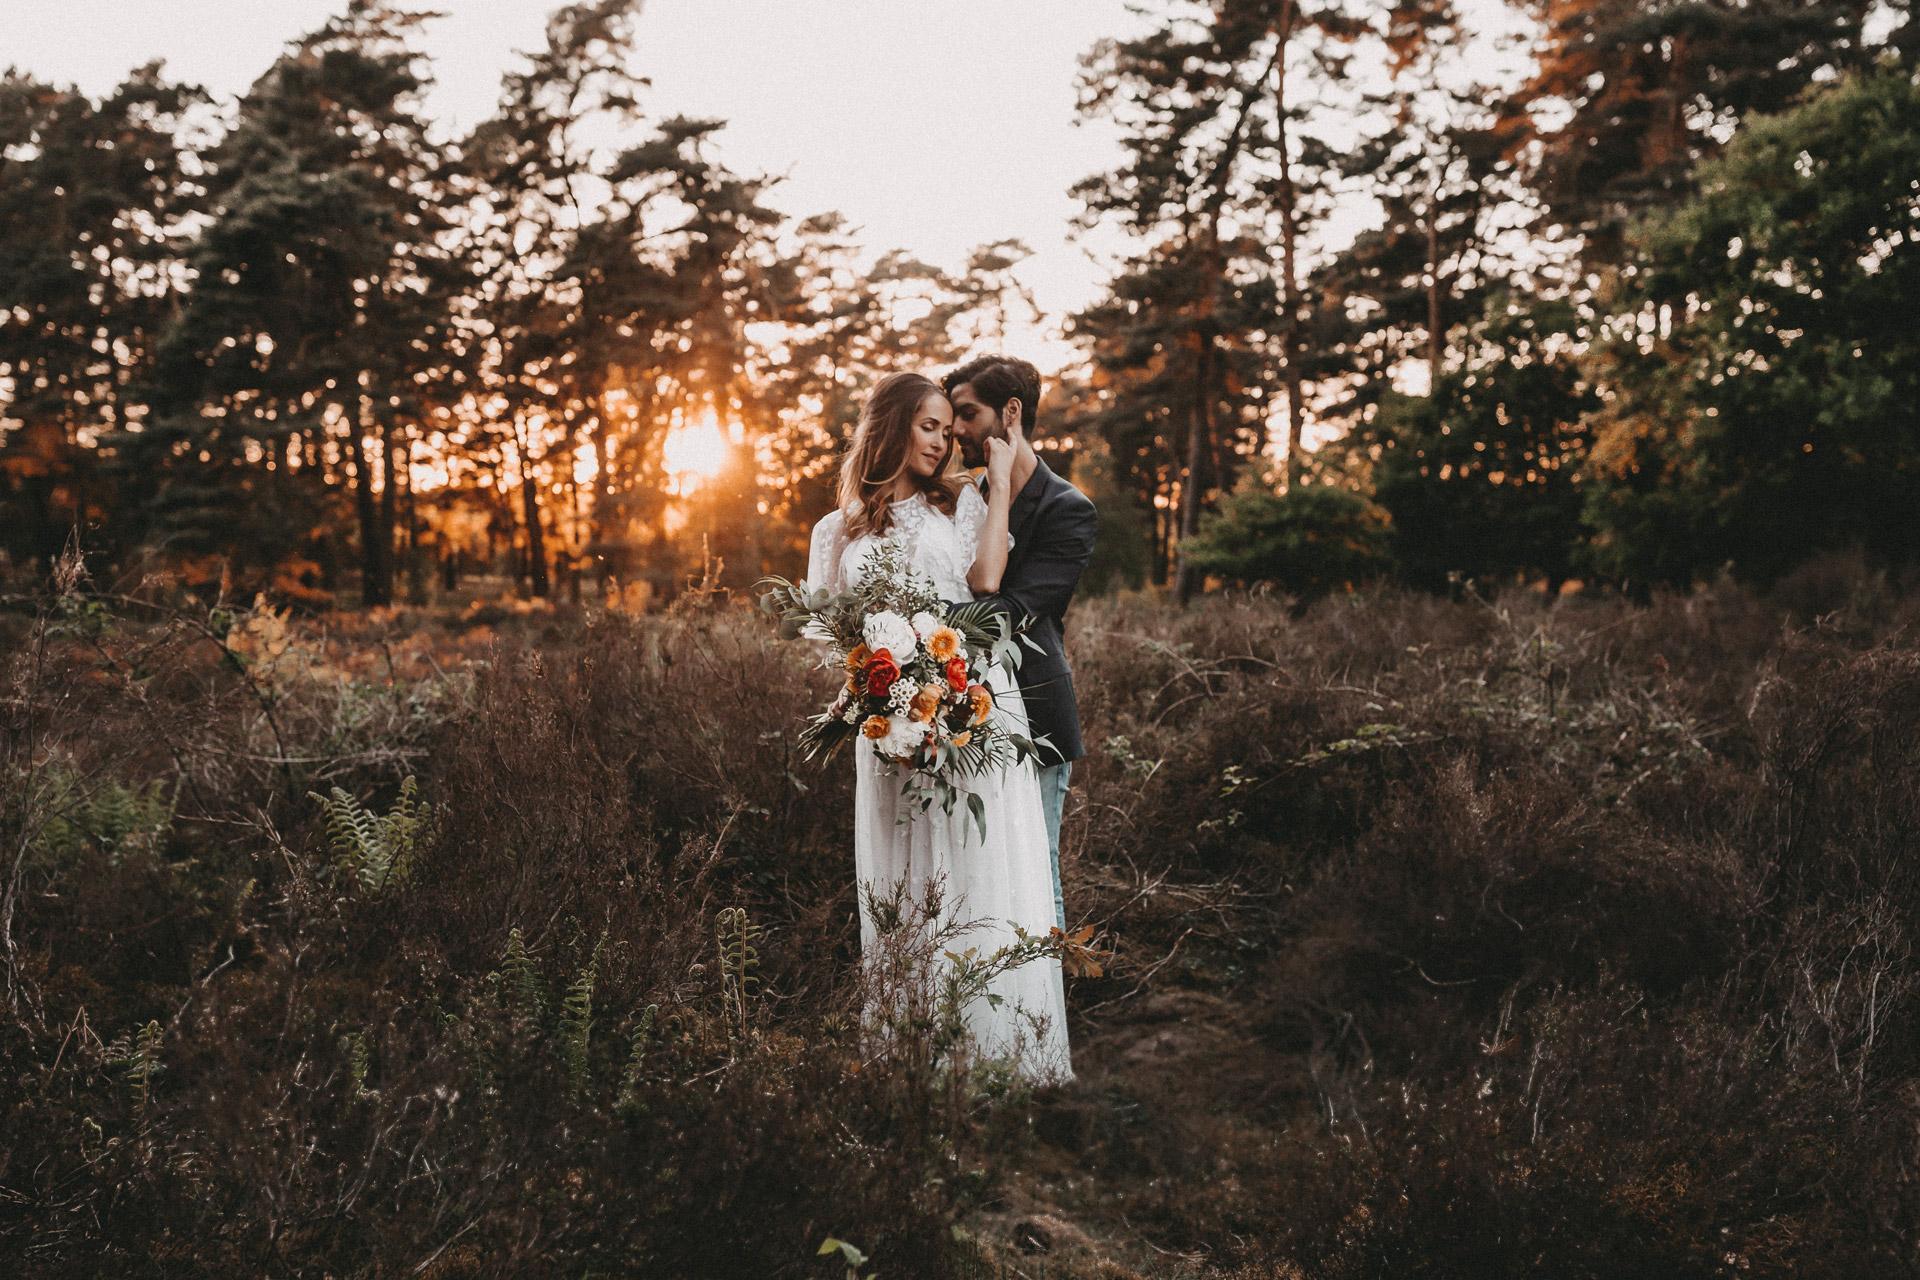 Hochzeitsfotografin6web